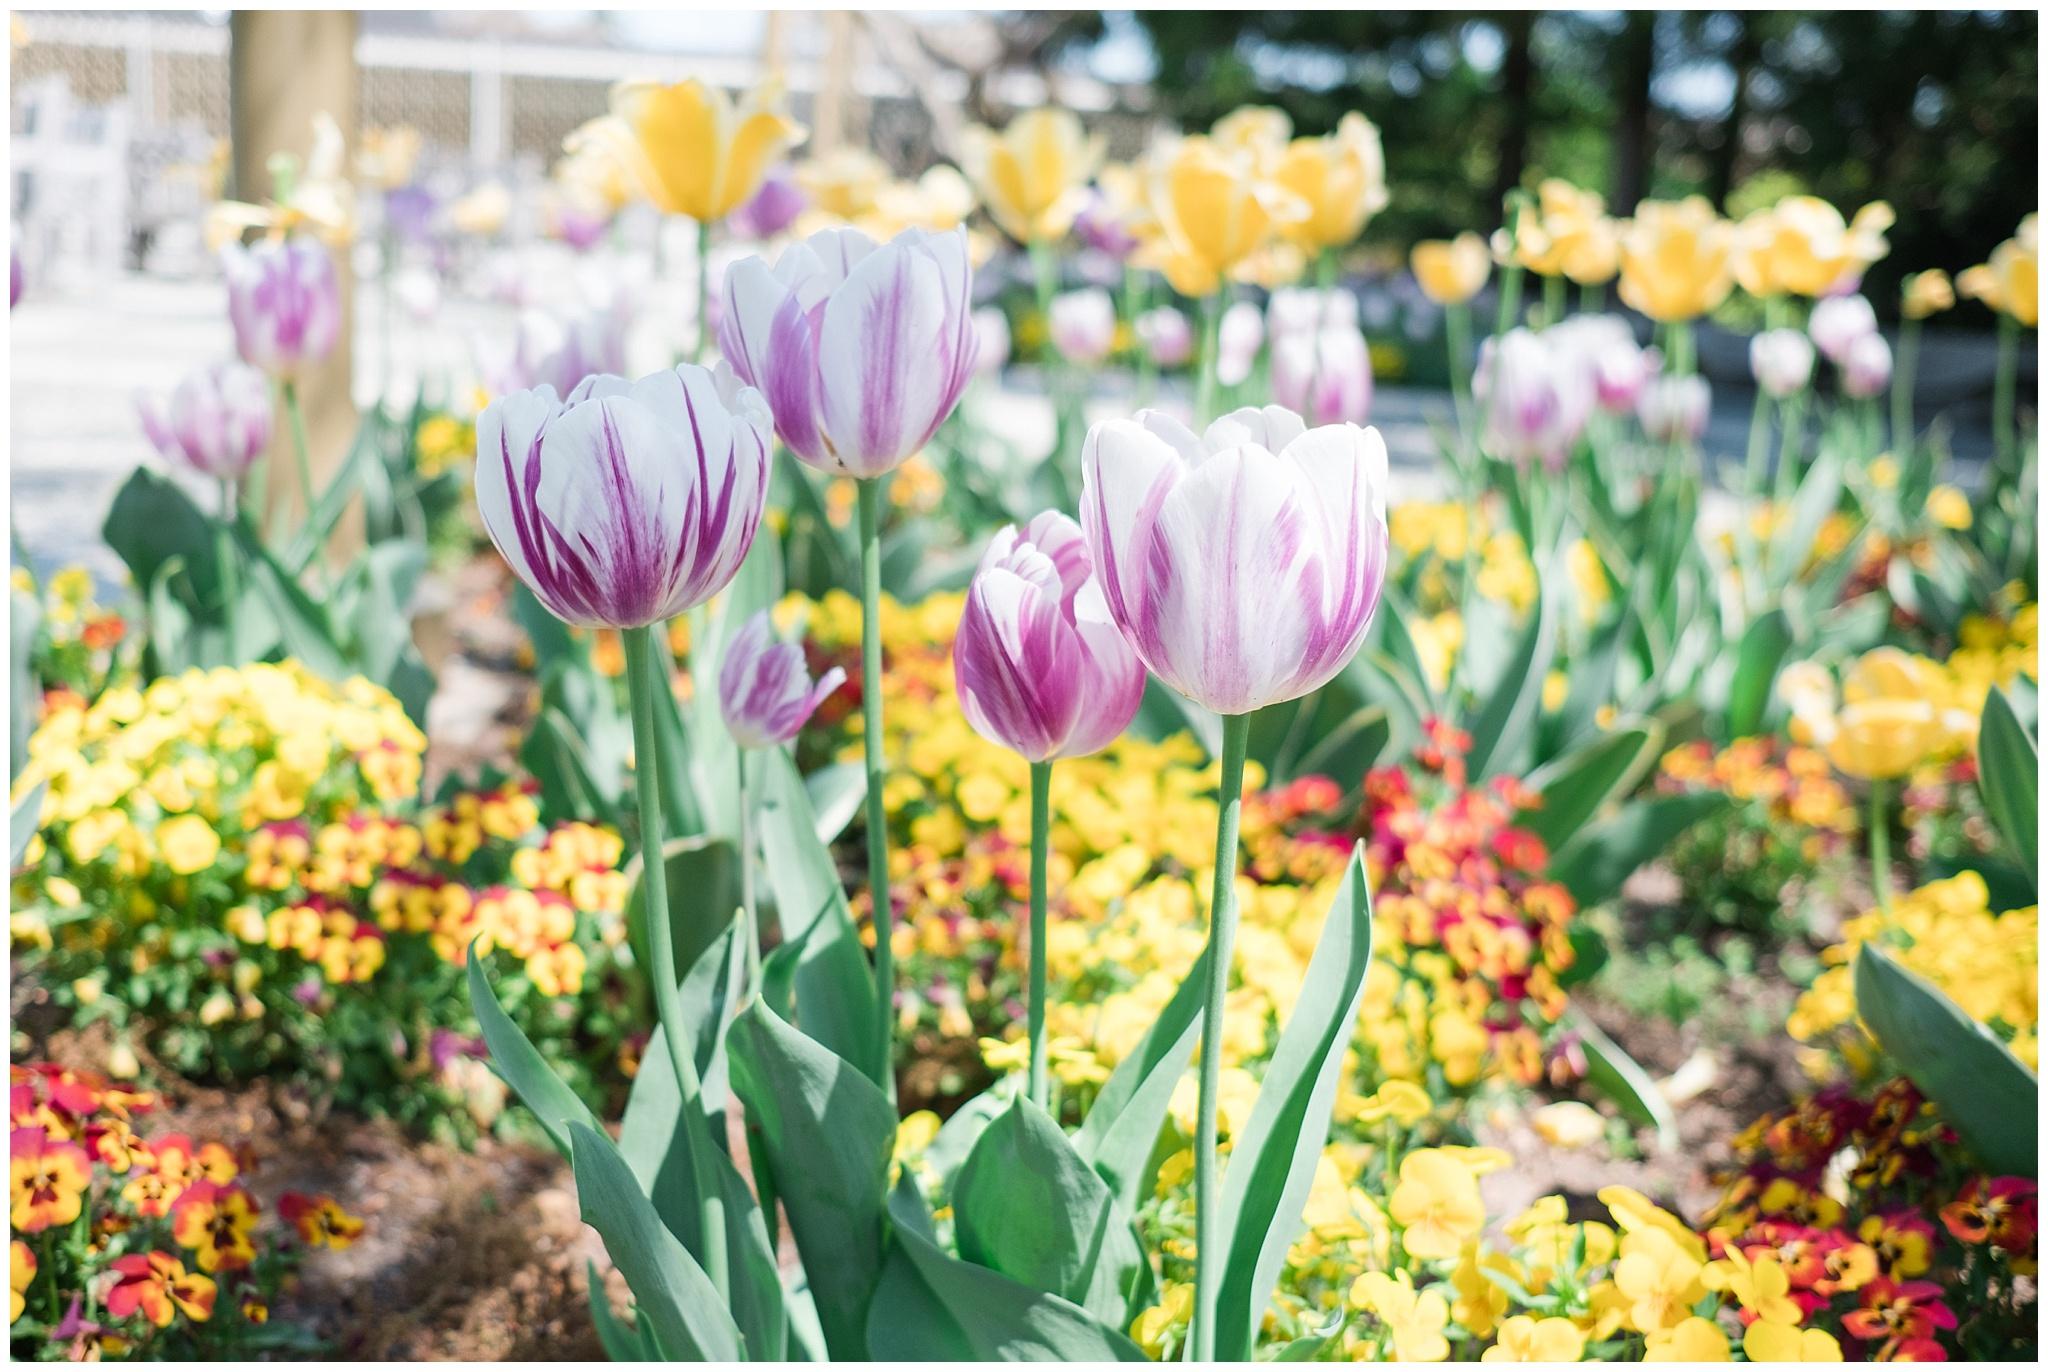 Arboretum_0008.jpg